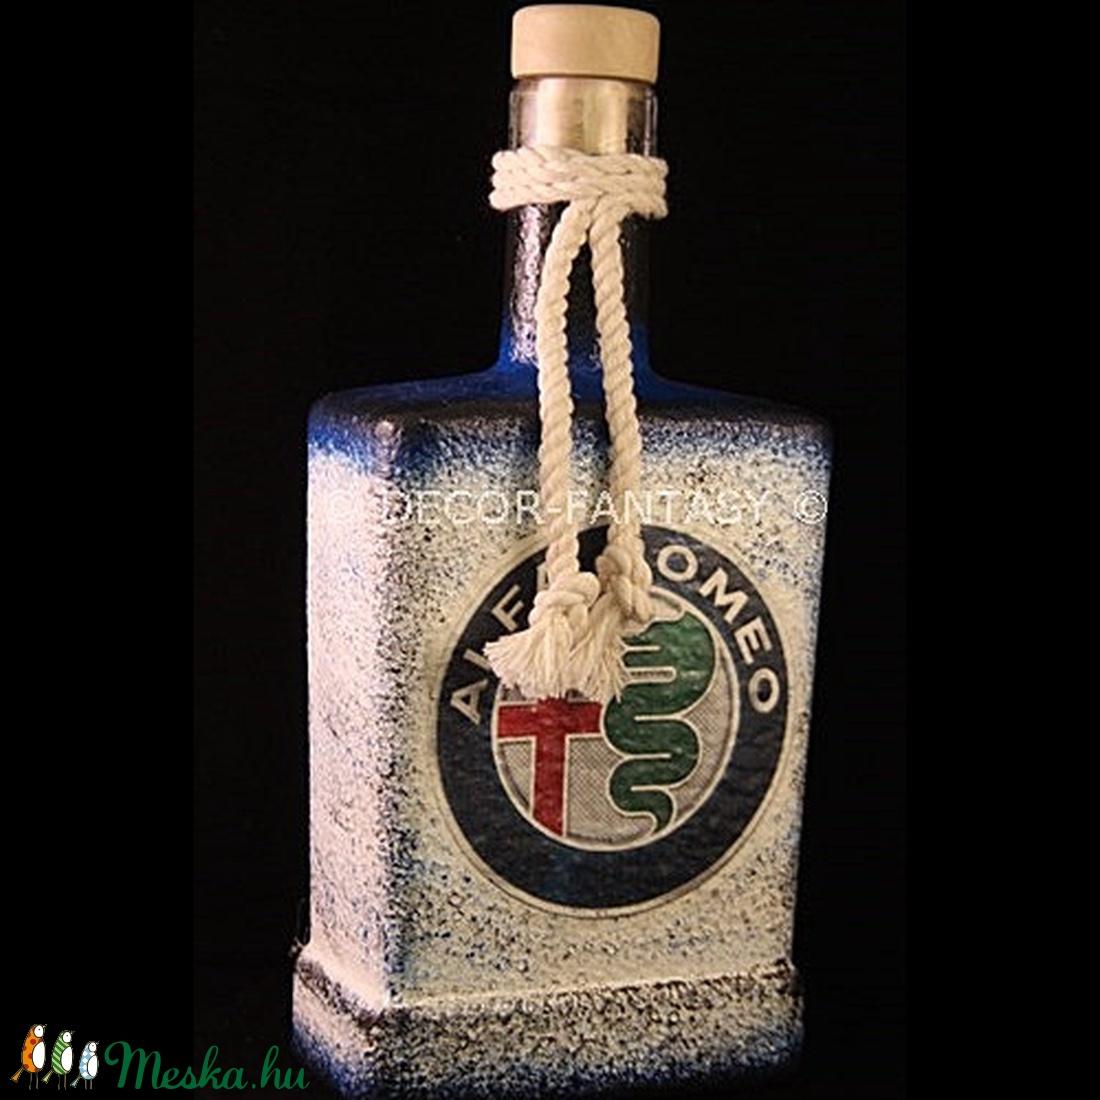 ALFA-ROMEO  emblémával díszített pálinkás üveg ( 0,5 l ) (decorfantasy) - Meska.hu